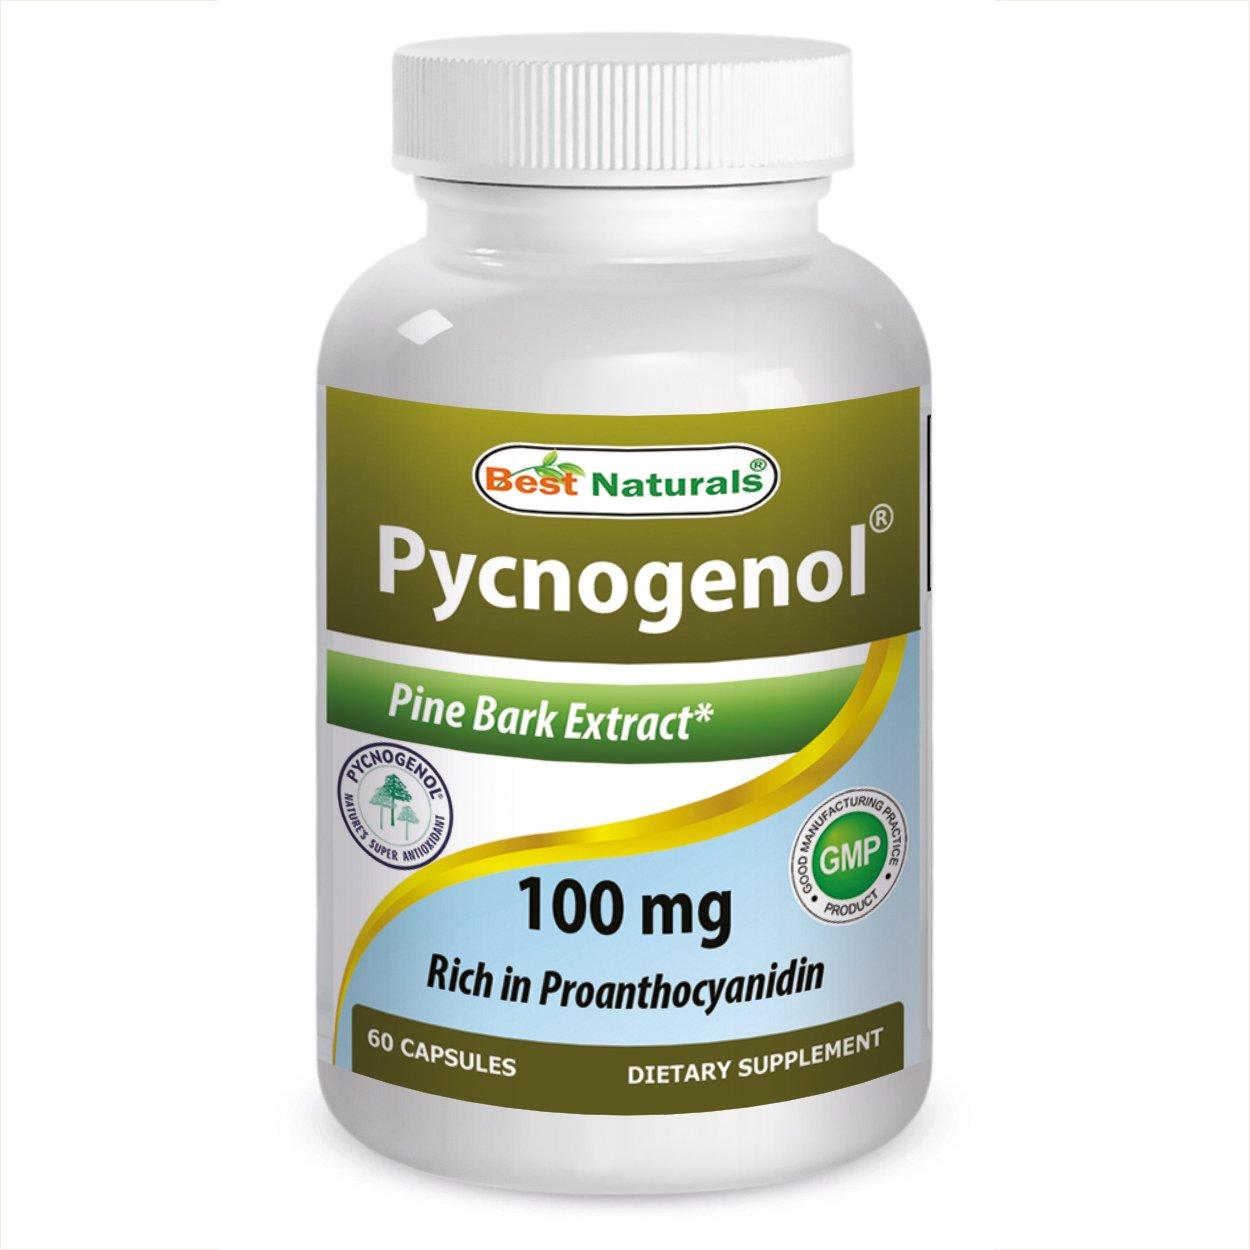 Pycnogenal